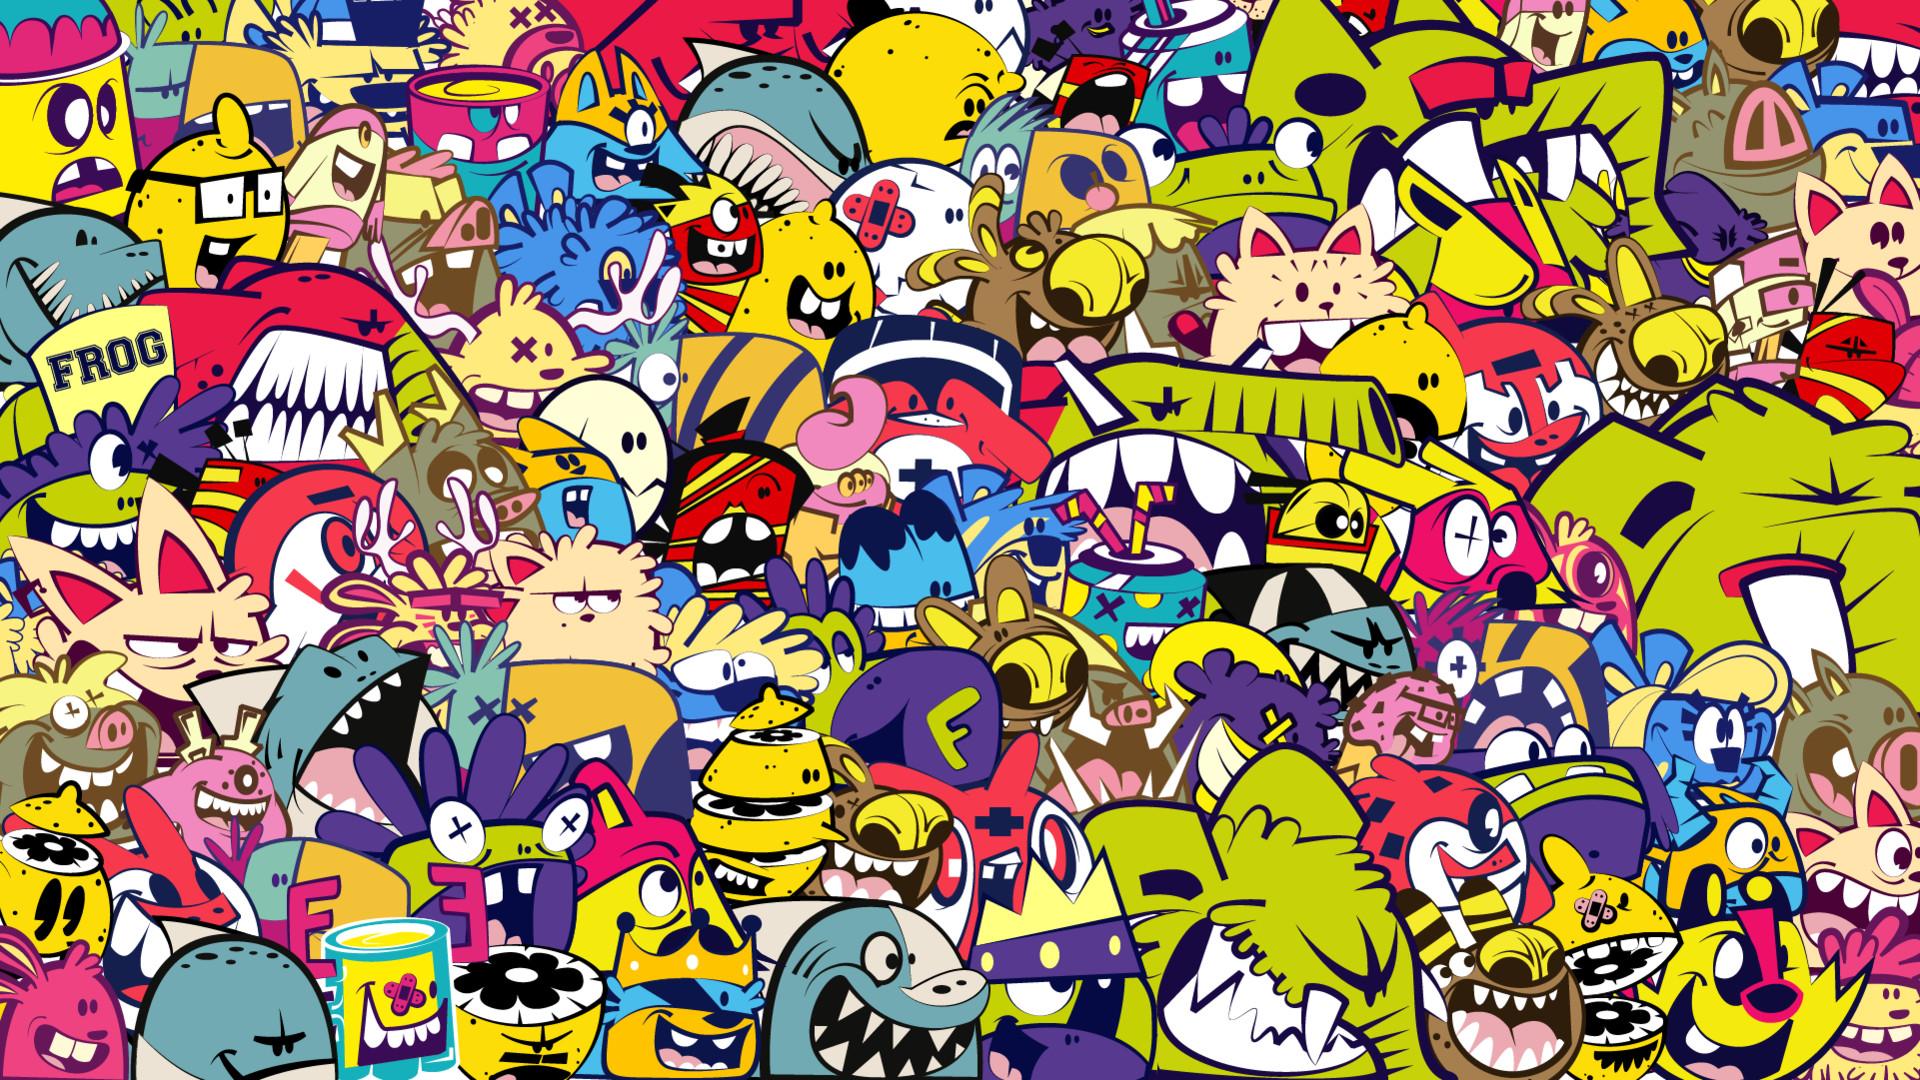 Gio gasparetto wallpaper 01